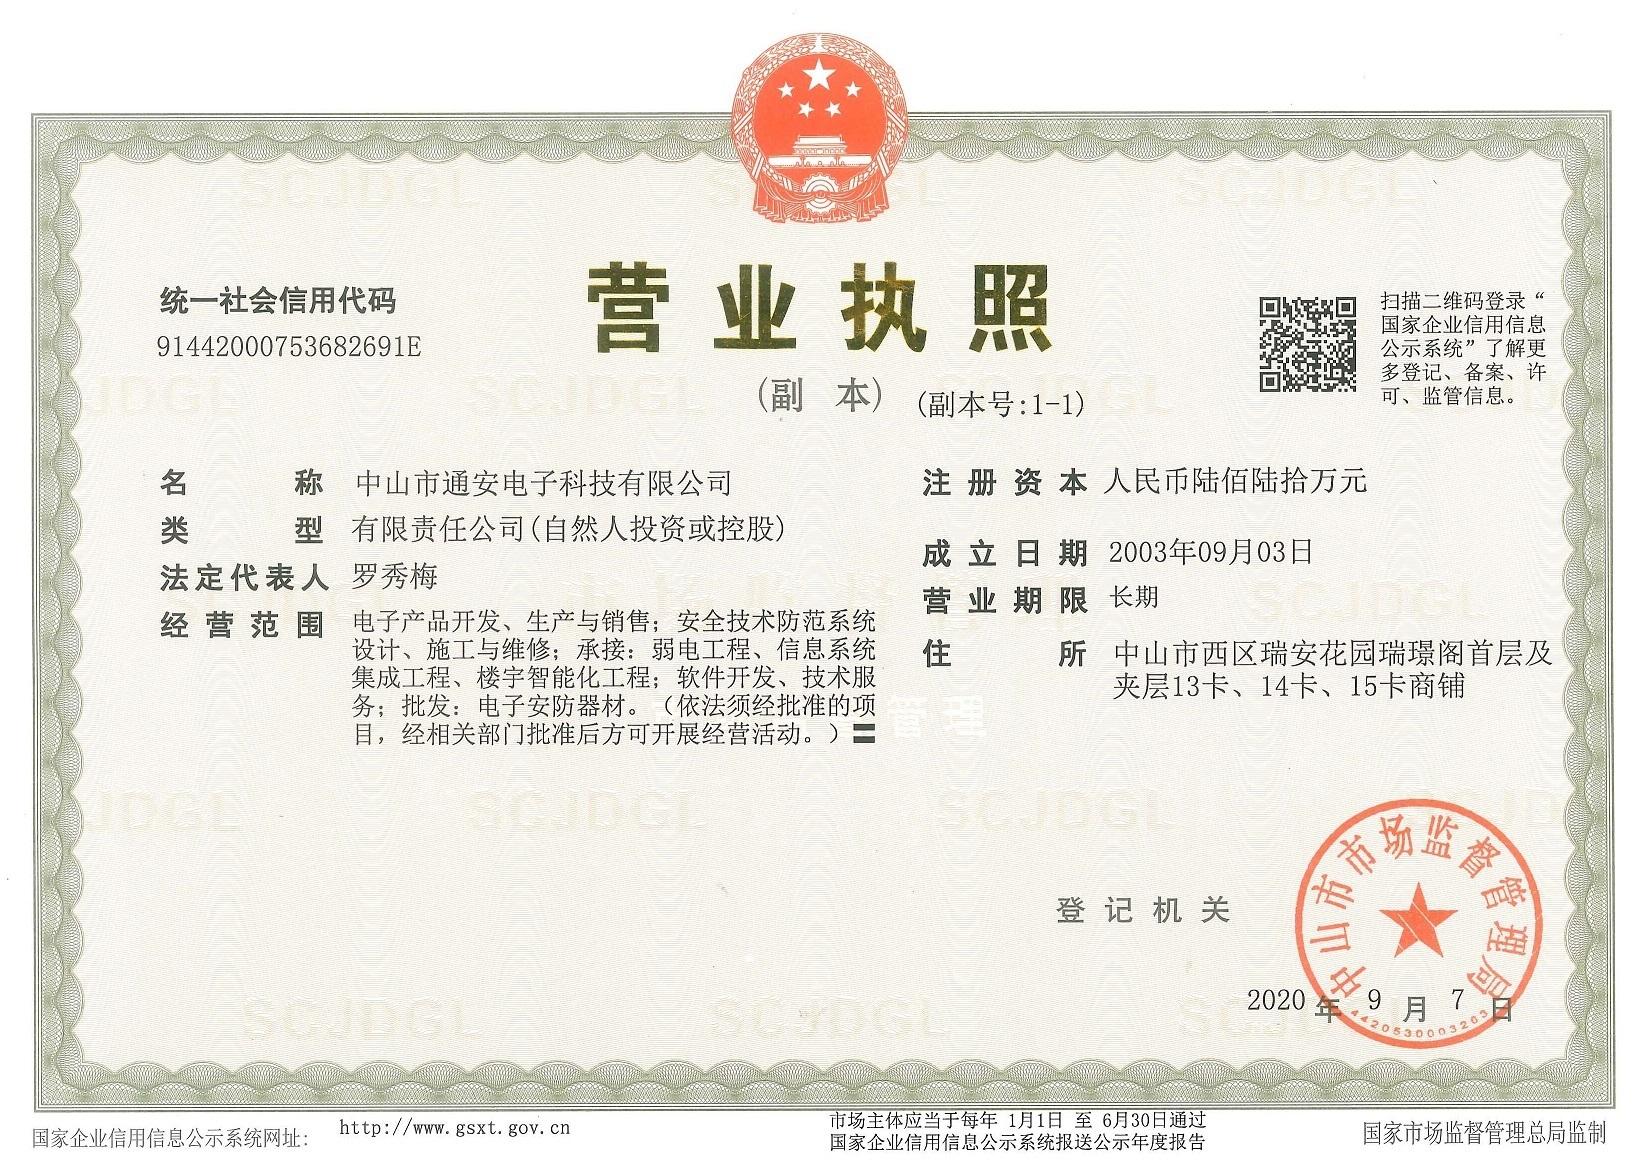 通安营业执照副本200907 - S